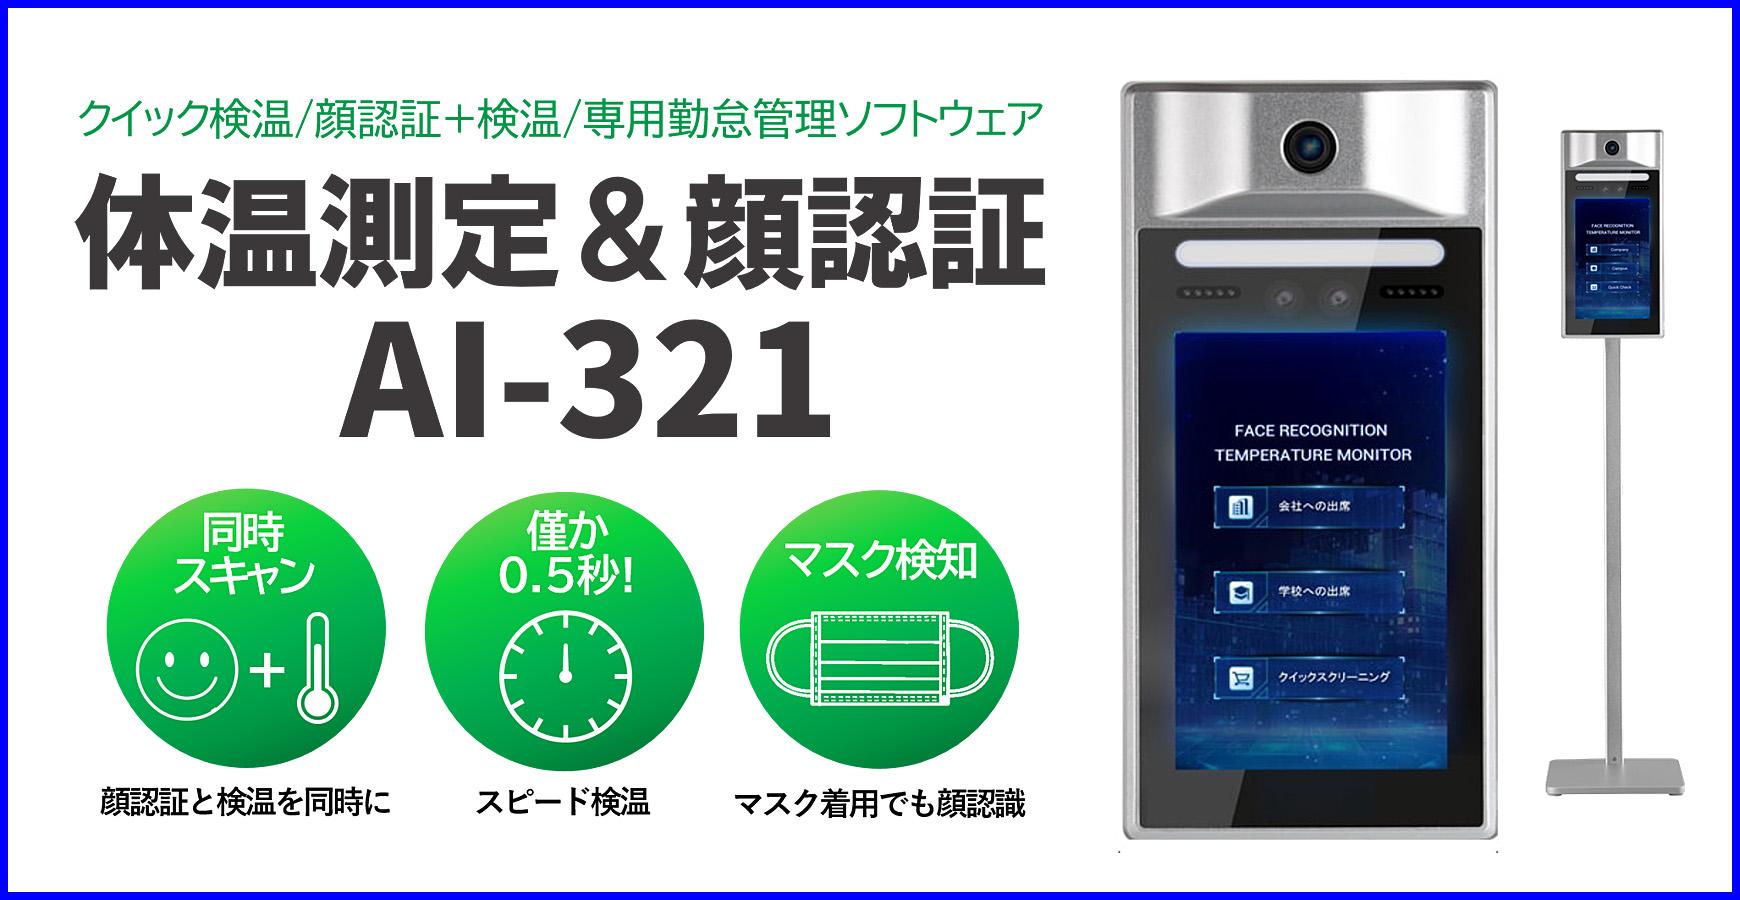 体温測定&顔認証モニターAI-321